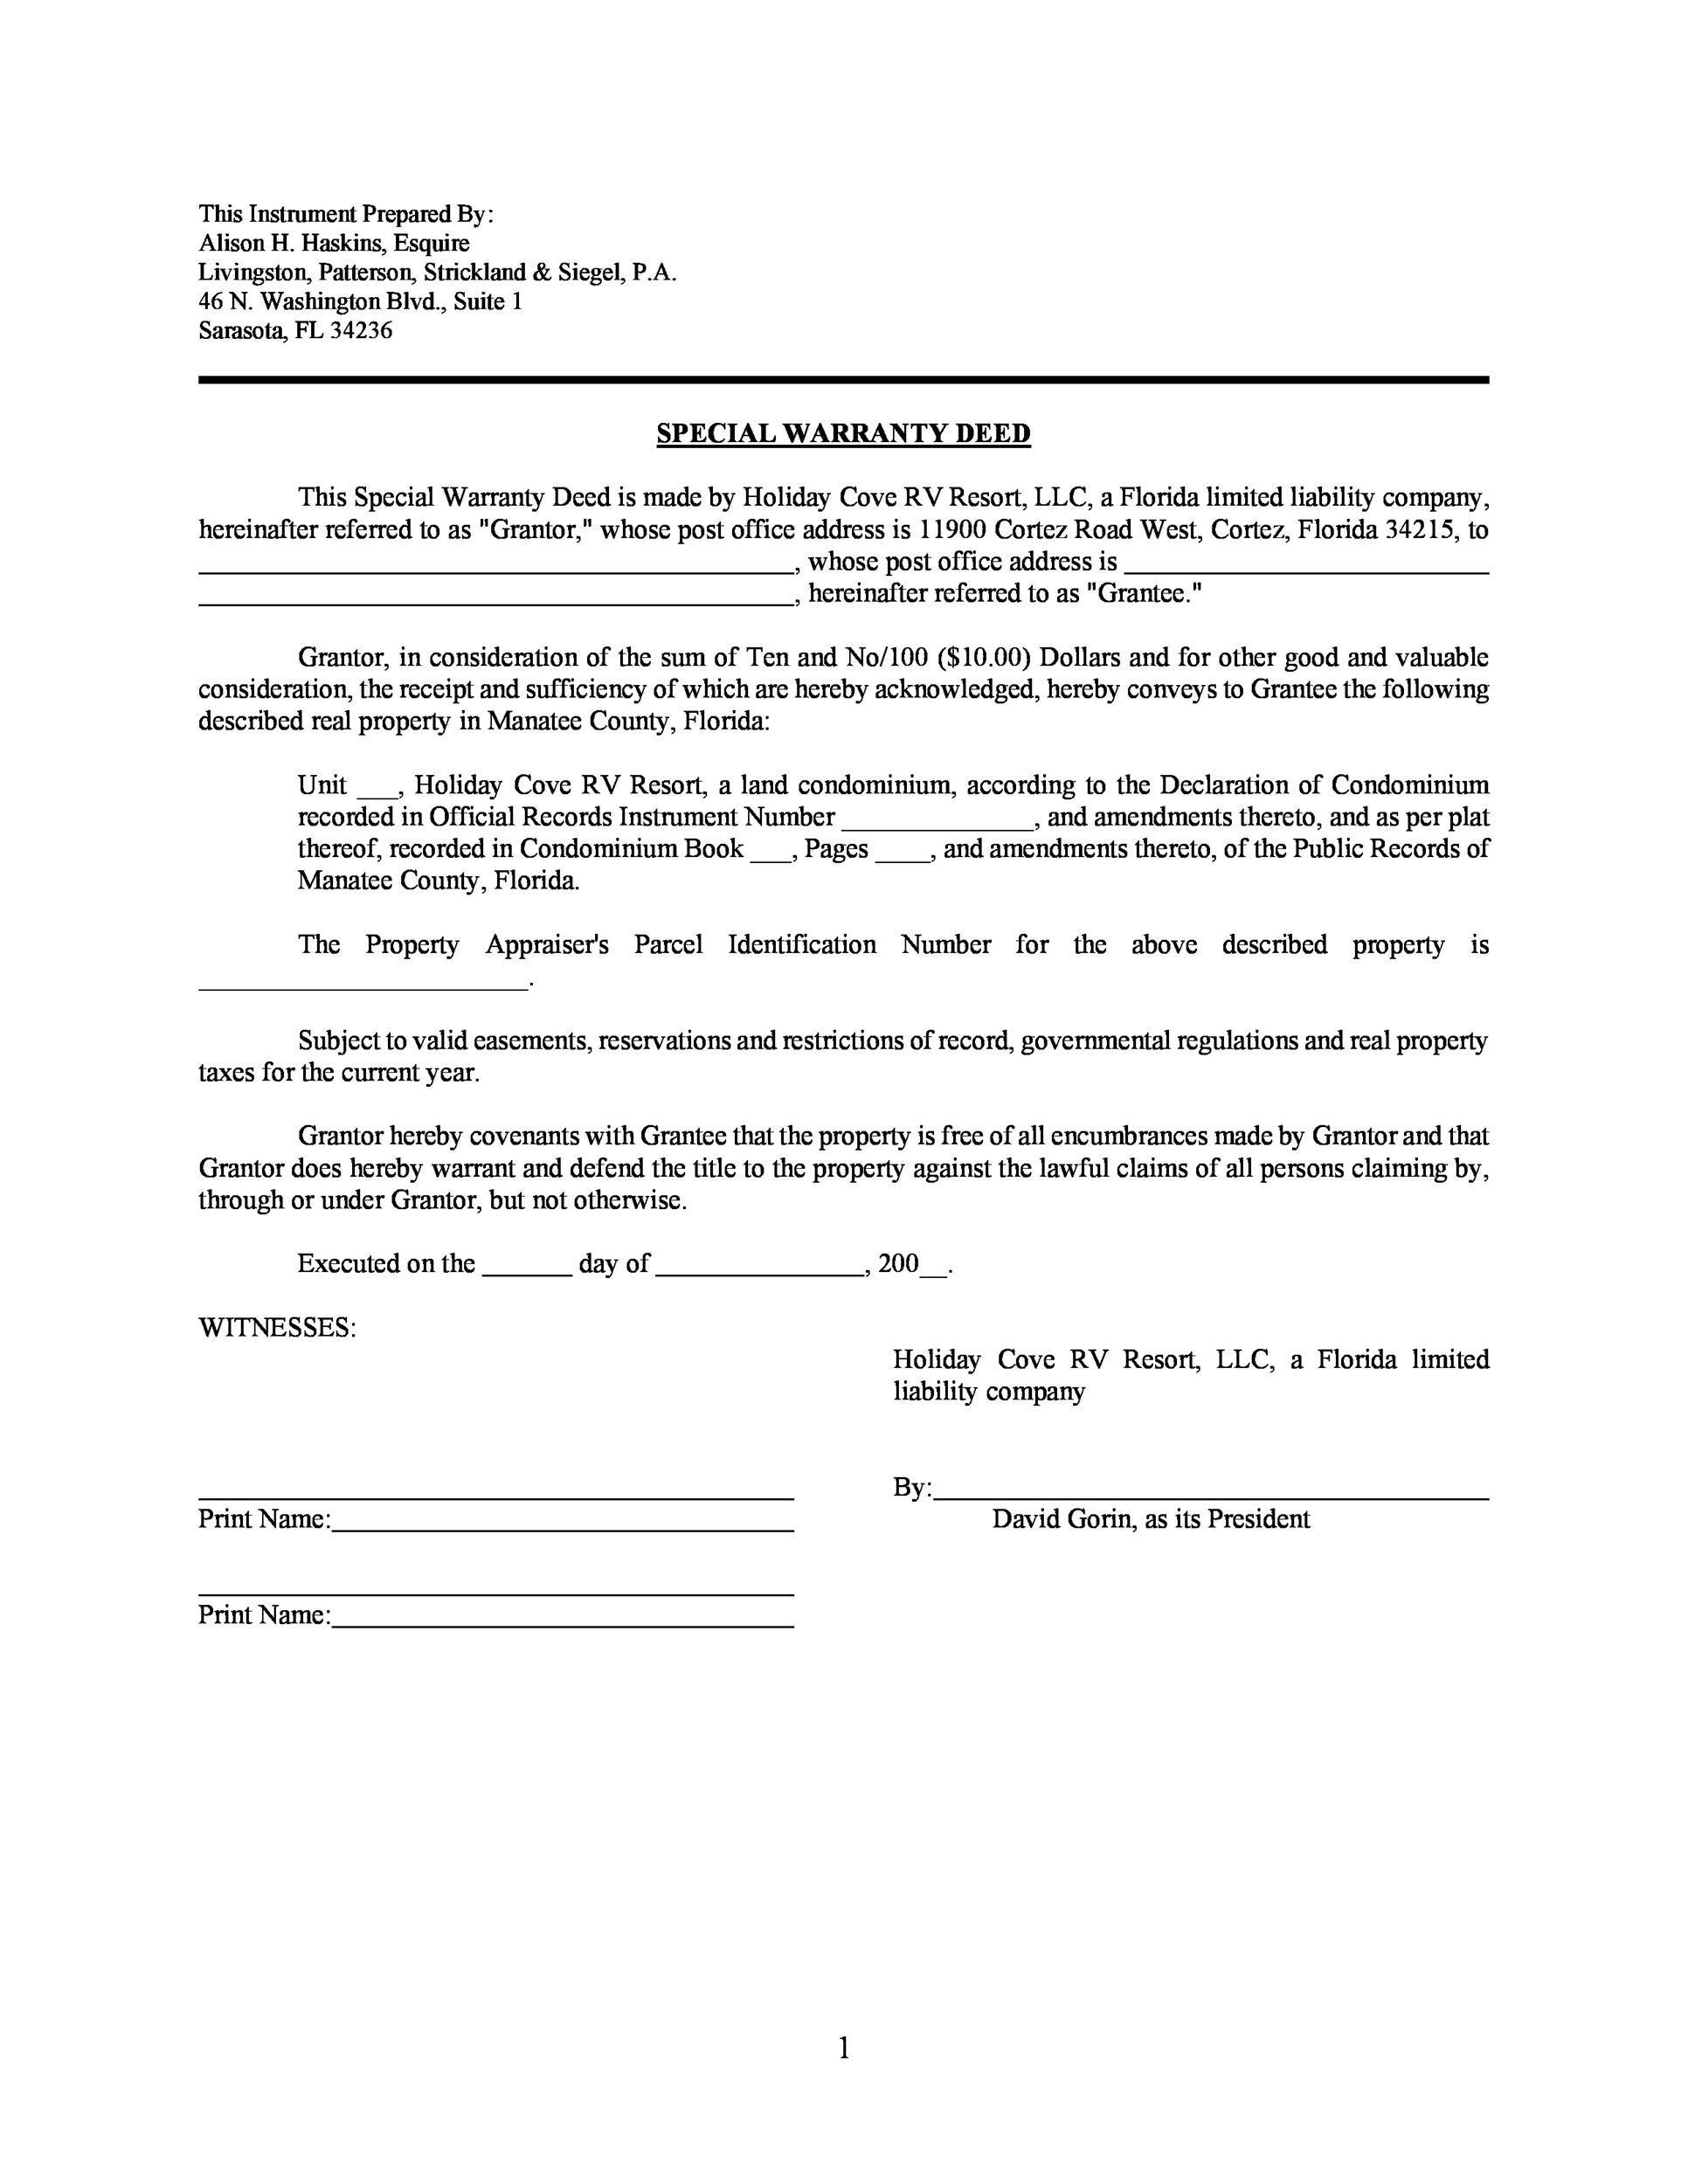 Free Warranty Deed Template 41